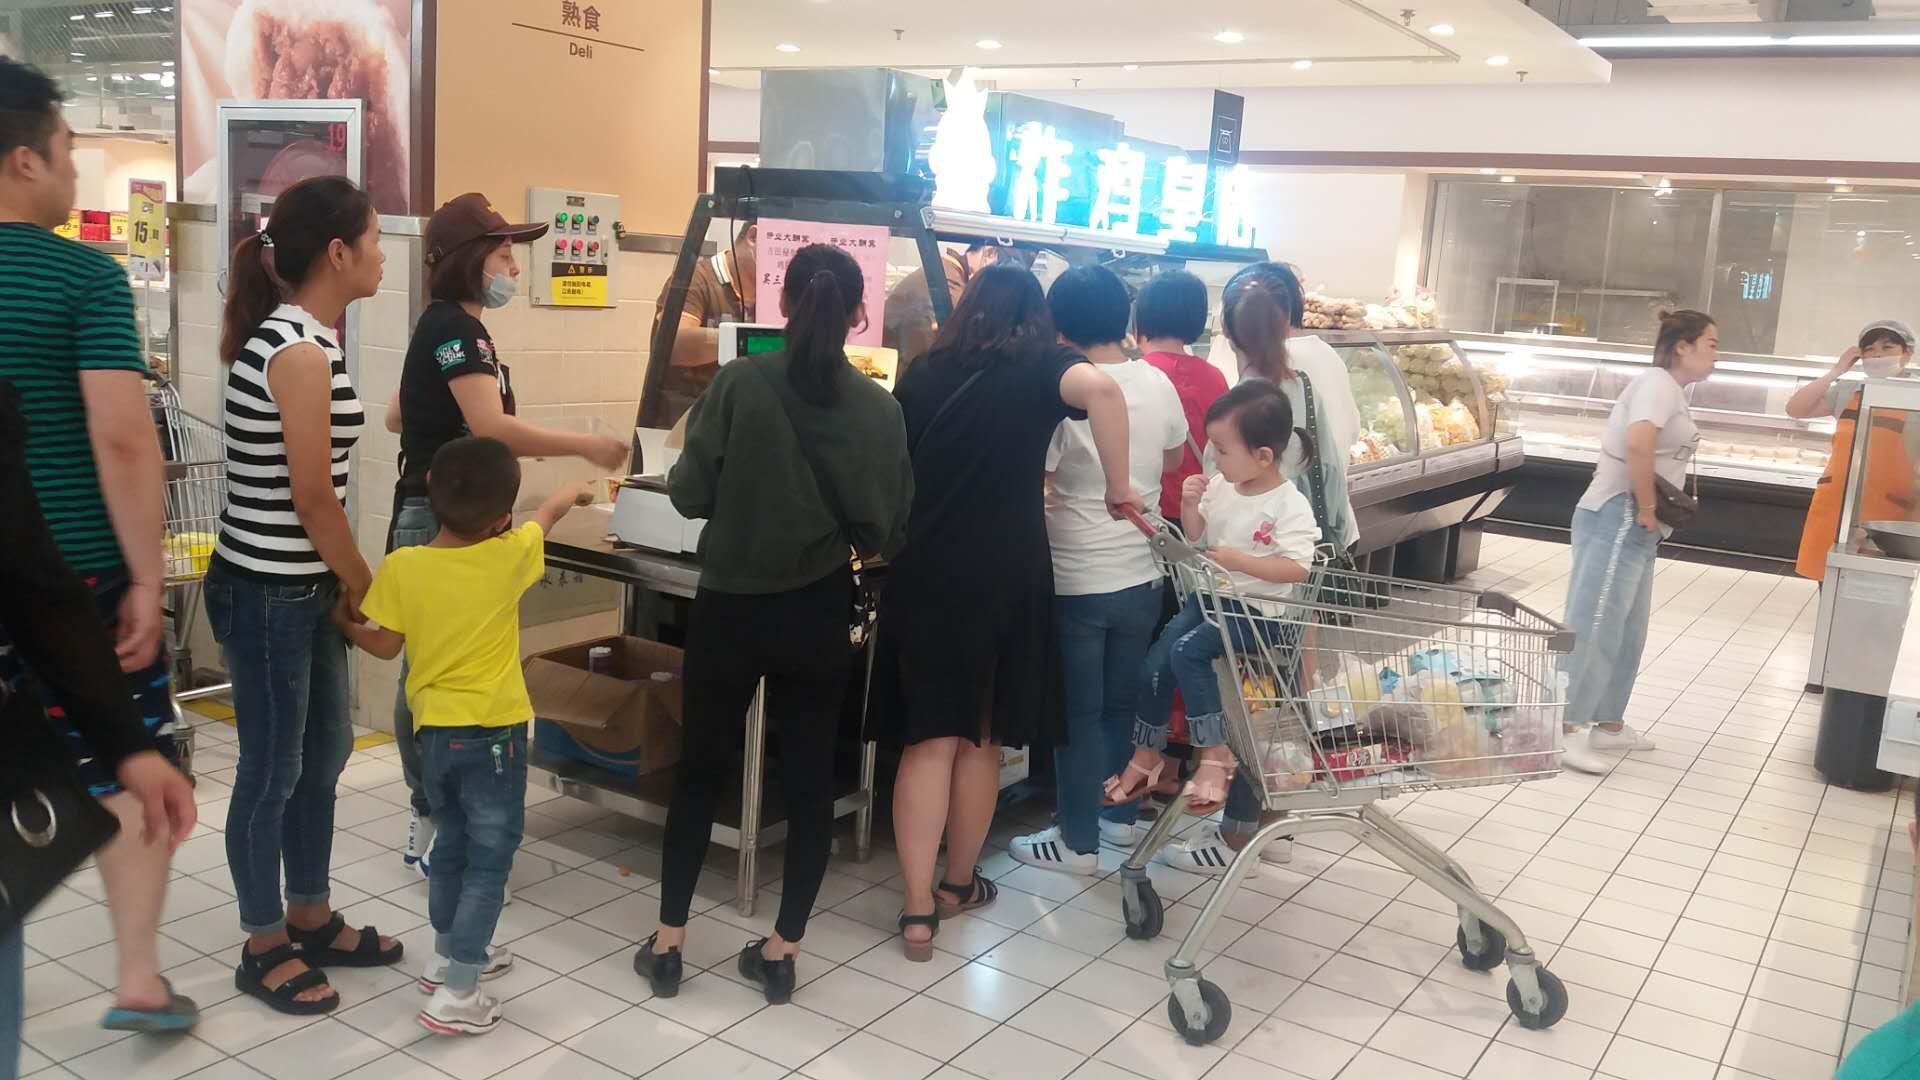 西安市泾河新城中心街华润万家超市炸鸡皇后开业啦!